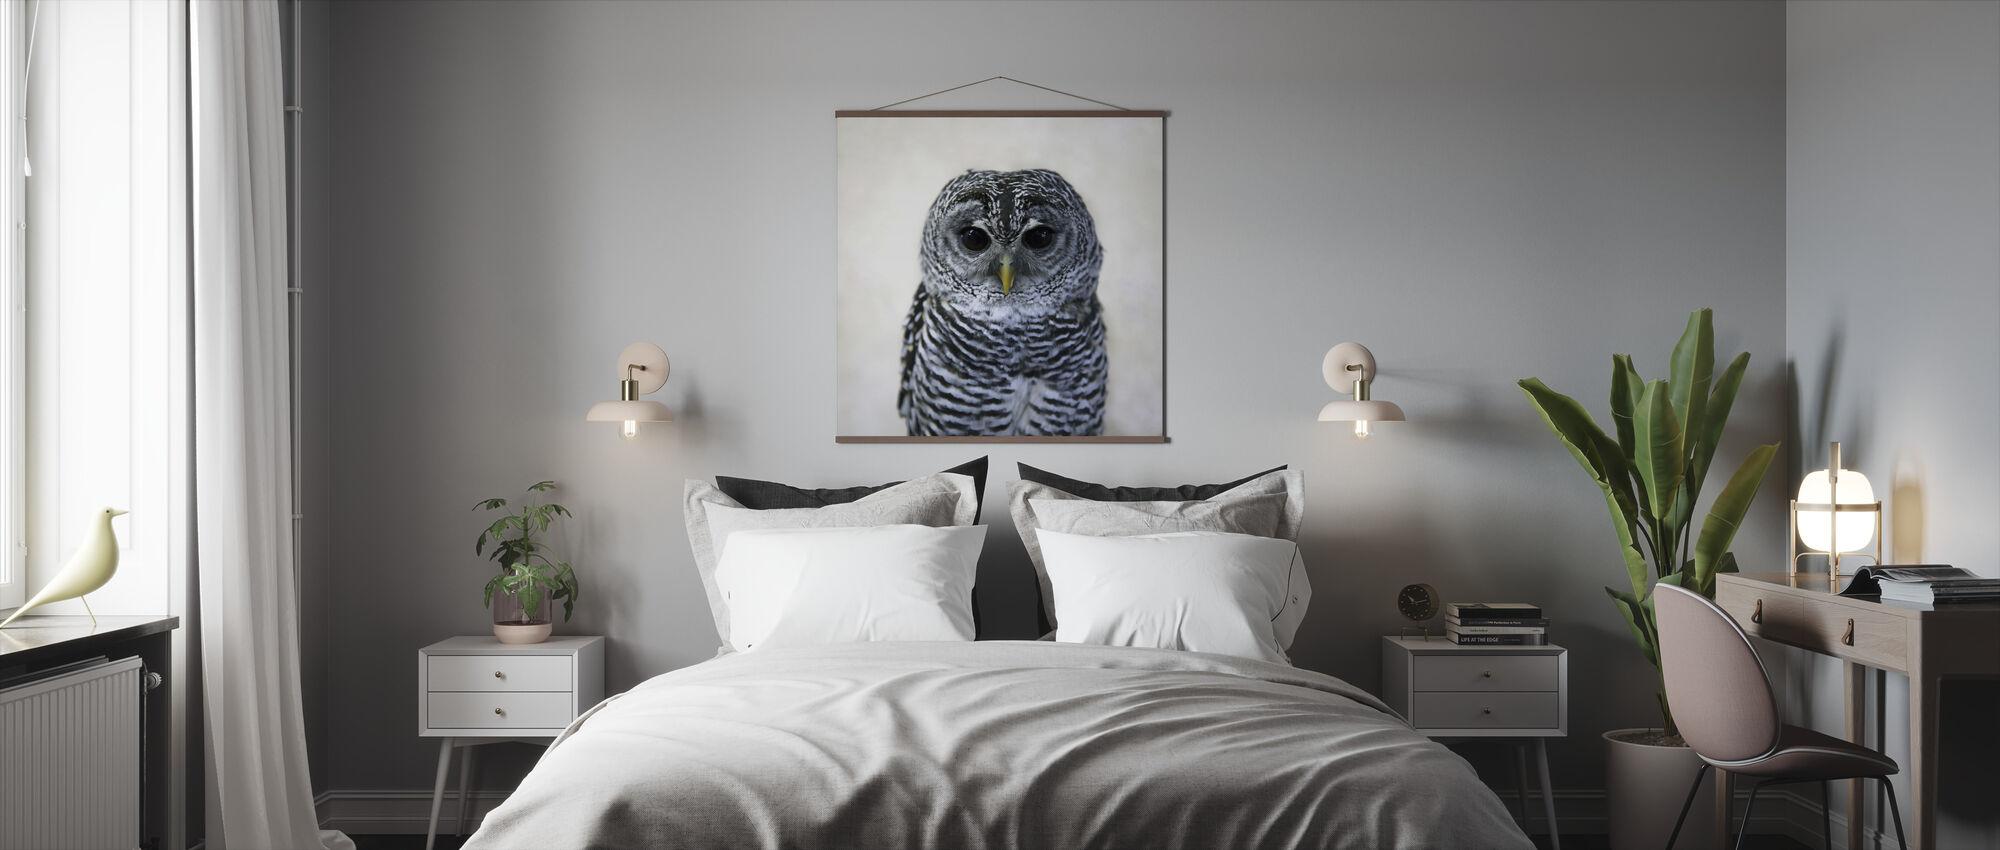 Rufous Legged Owl - Poster - Bedroom